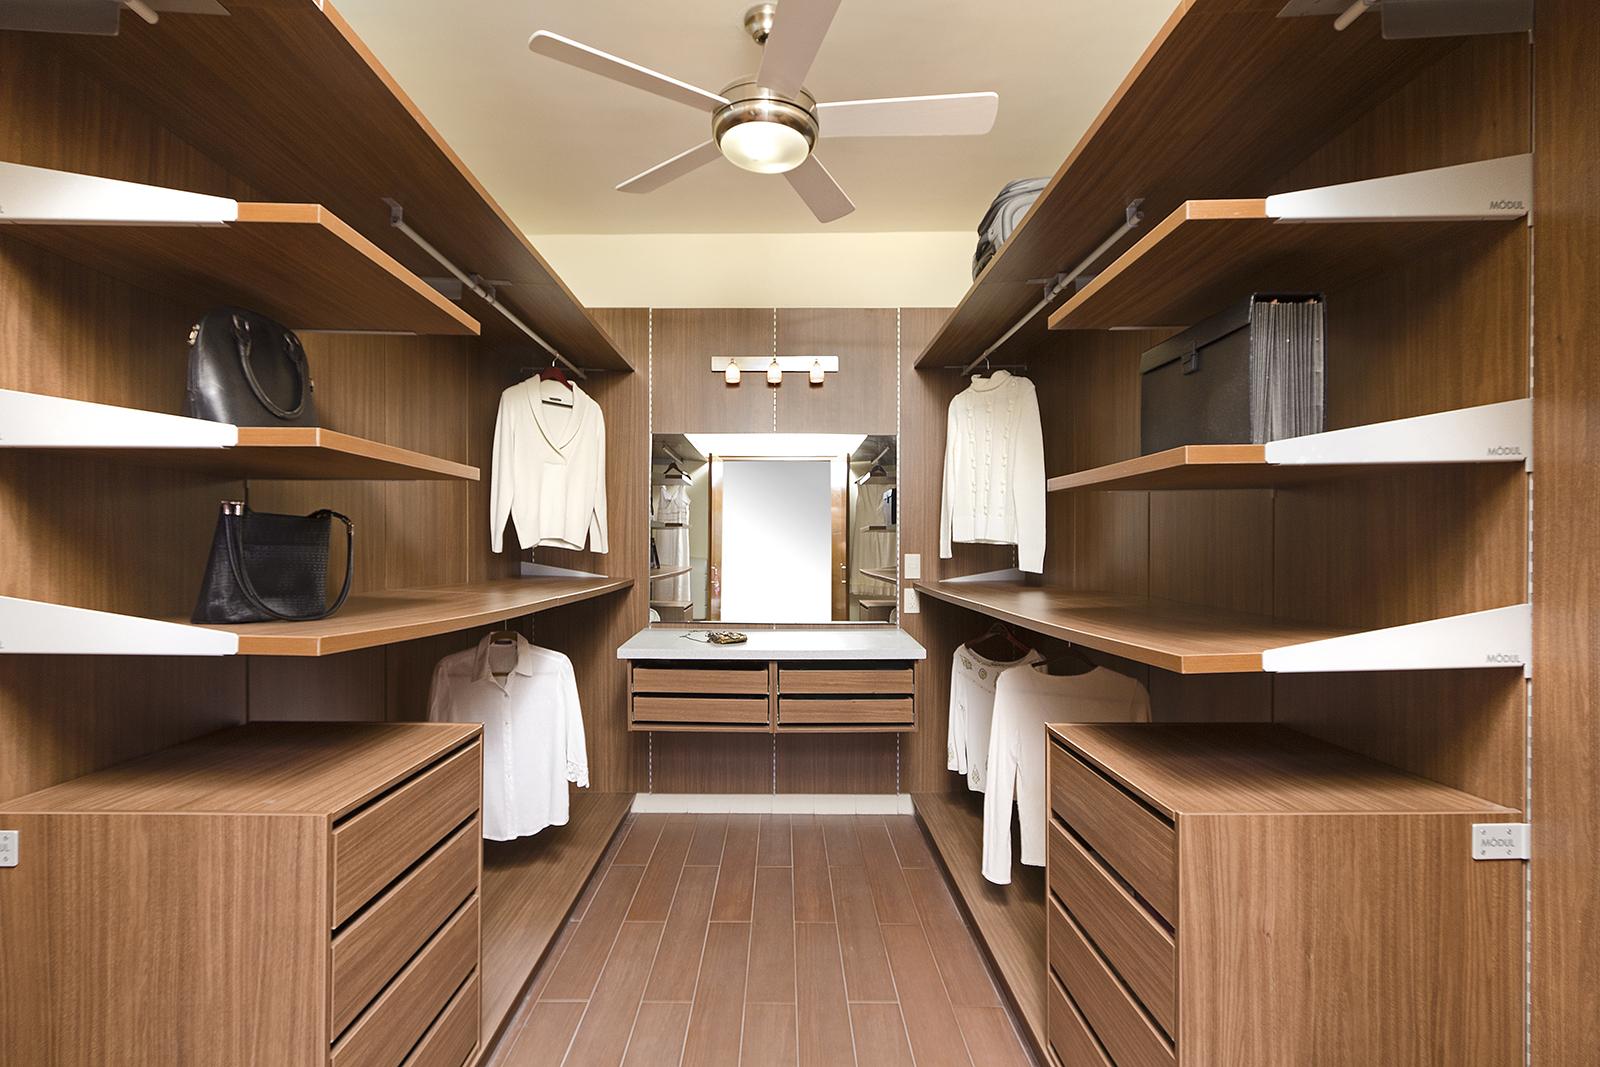 Walk In Closet Pequenos Con Baño:Sueñas con tener un vestidor en casa? Si necesitas algo más que un